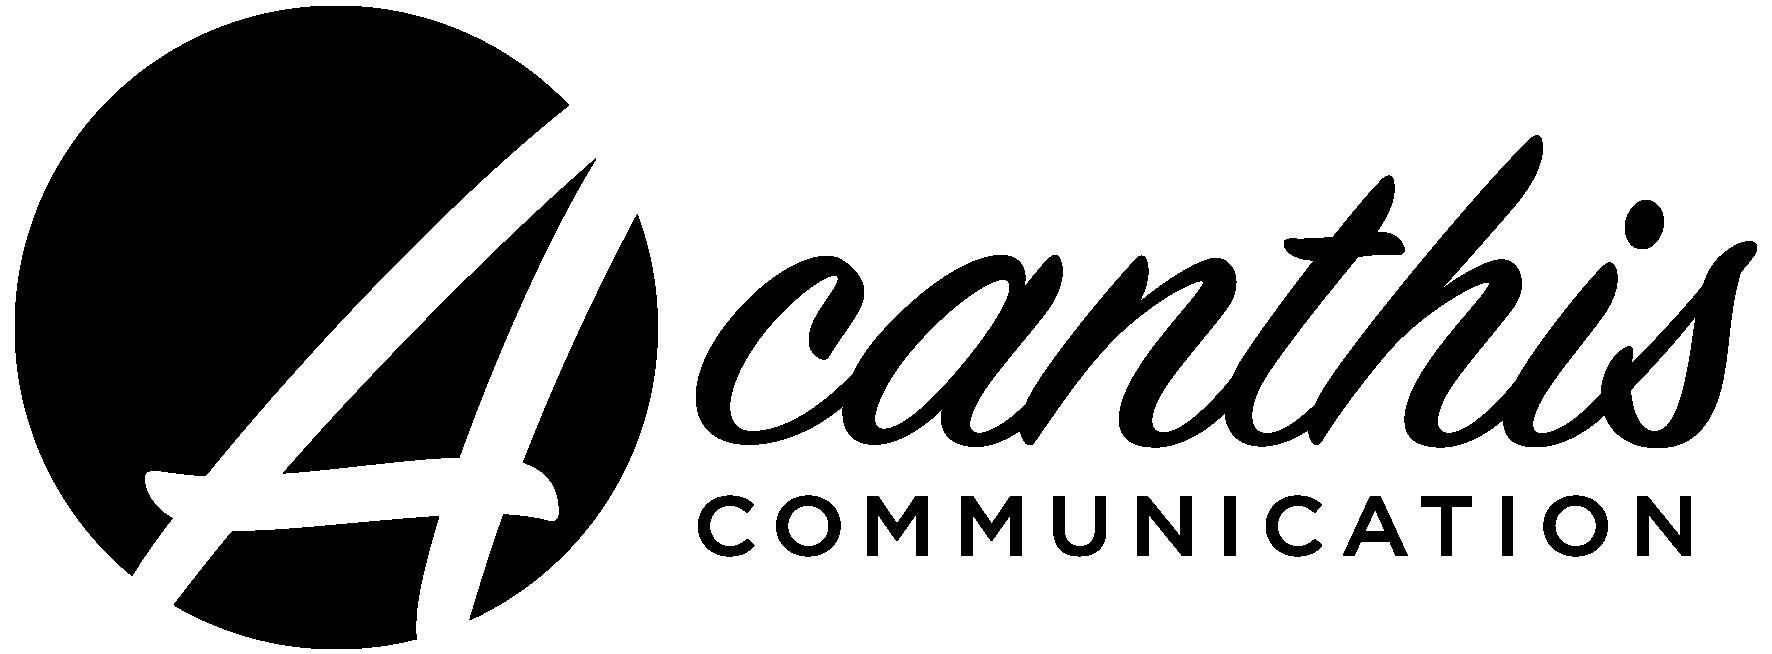 Acanthis